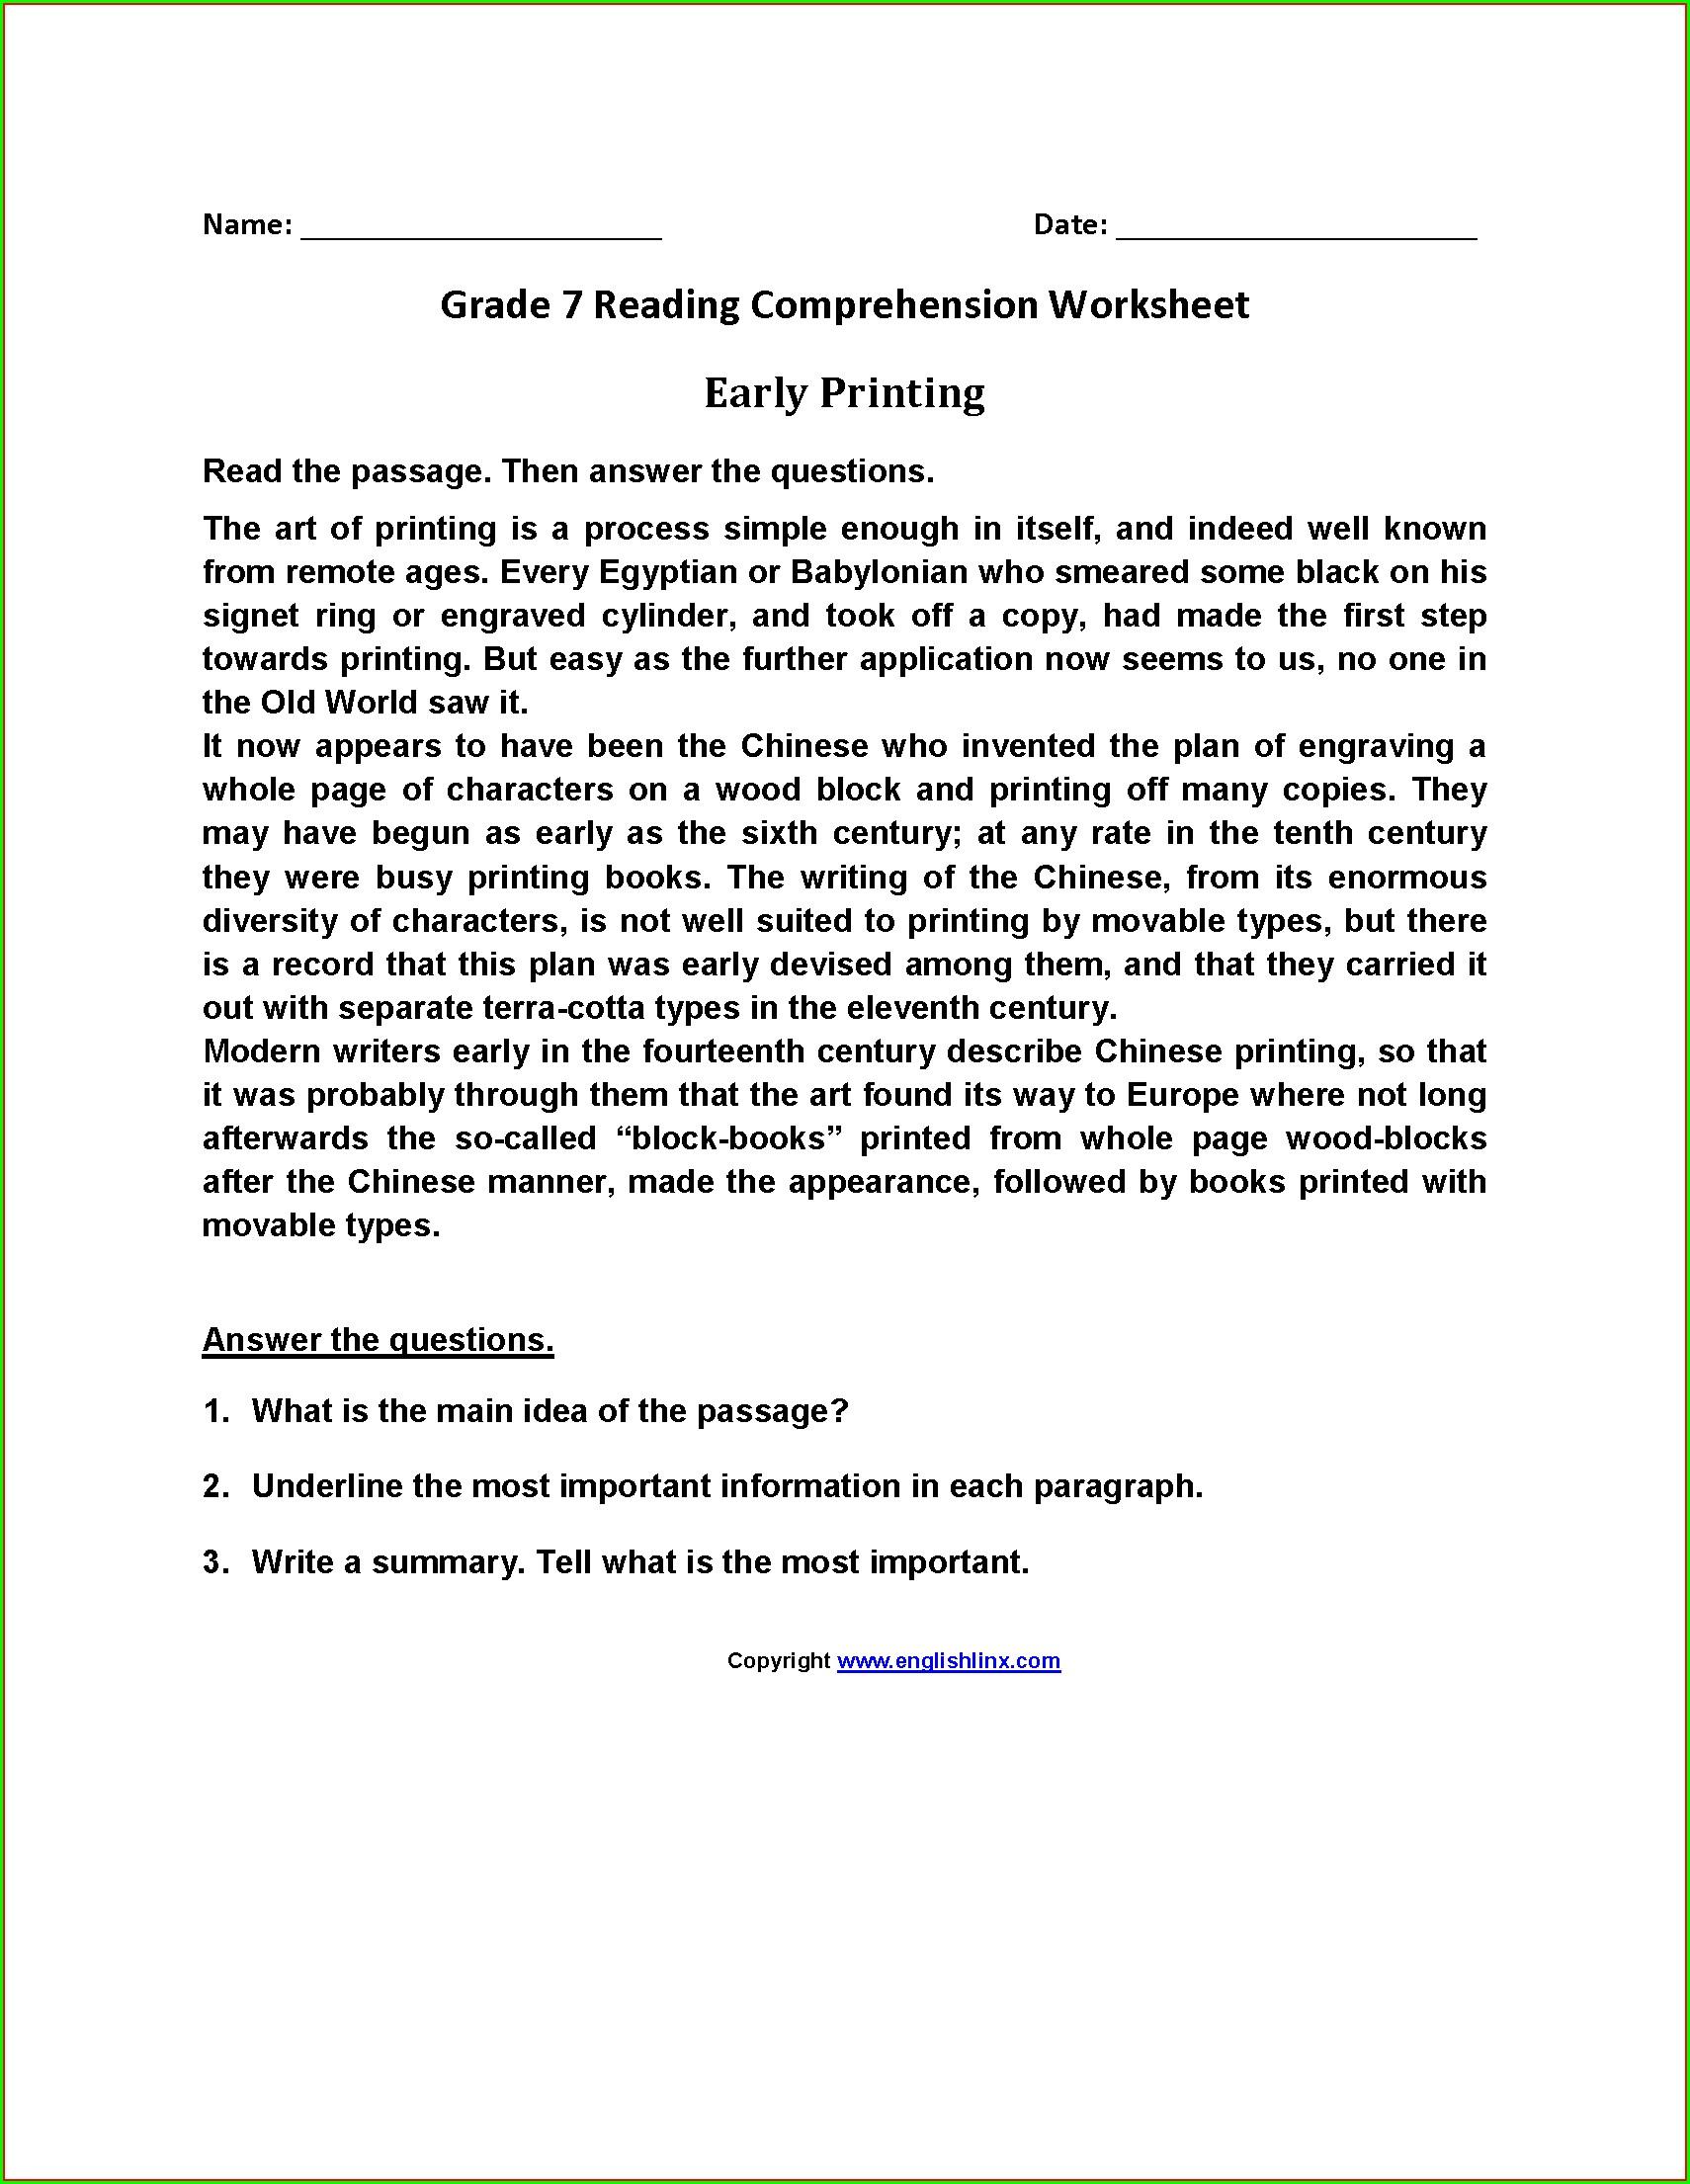 English Worksheets For Grade 7 Comprehension